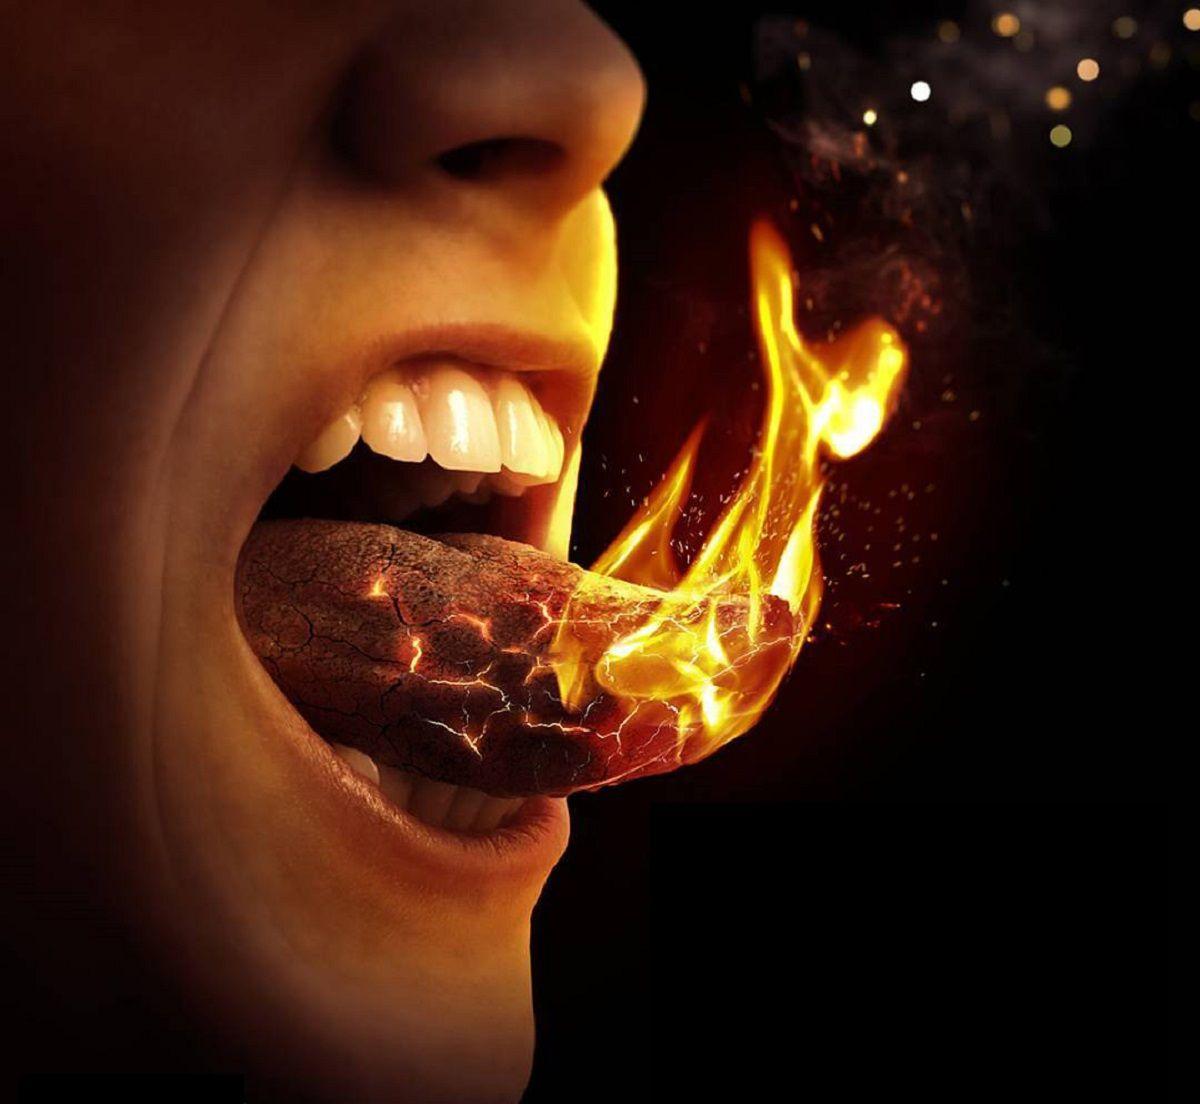 گناهان-زبان-چه-مواردی-را-در-بر-می-گیرد